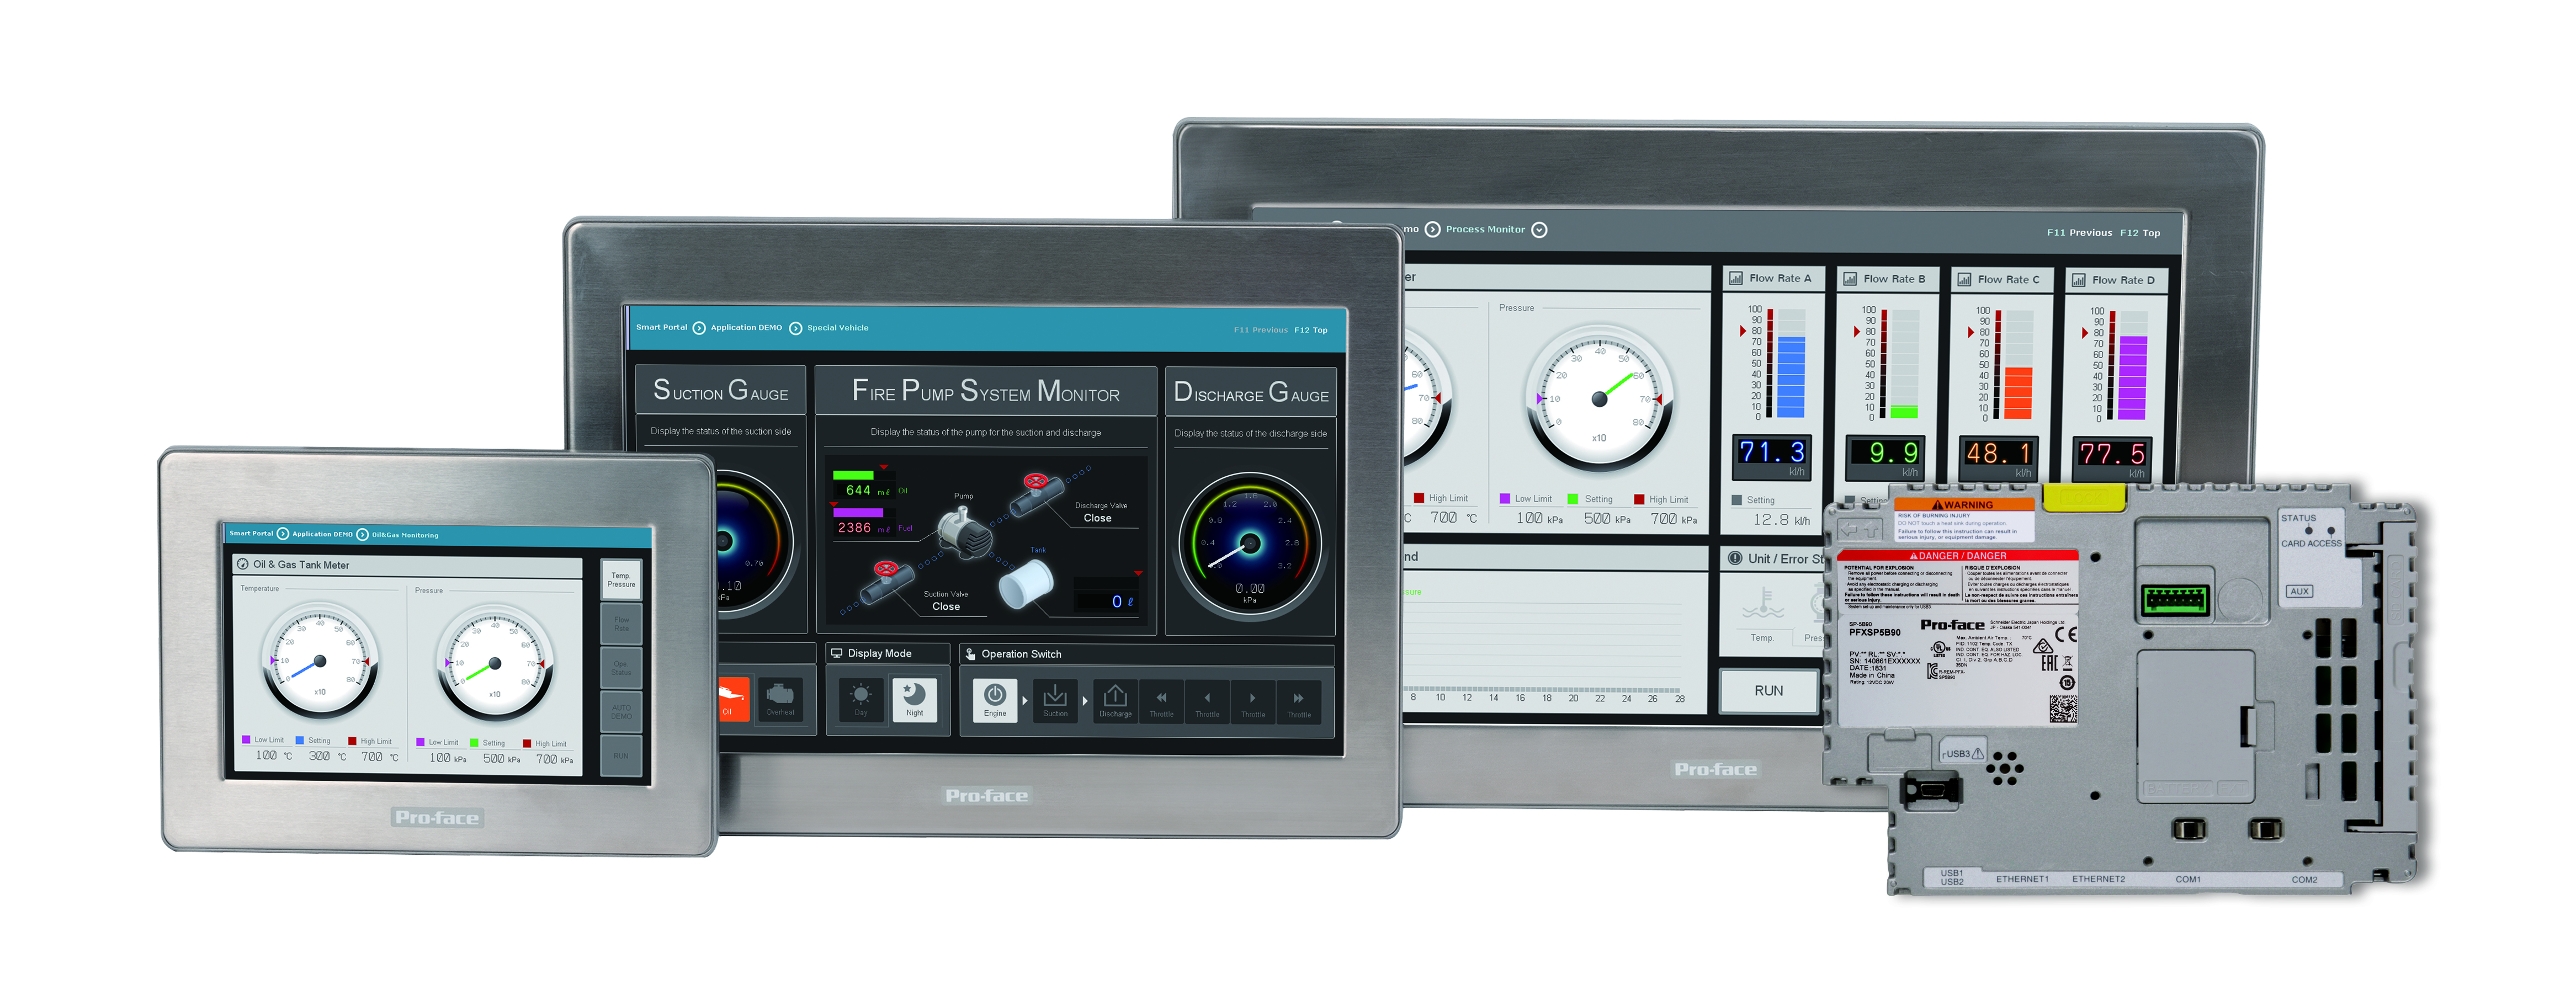 SP-5690WA